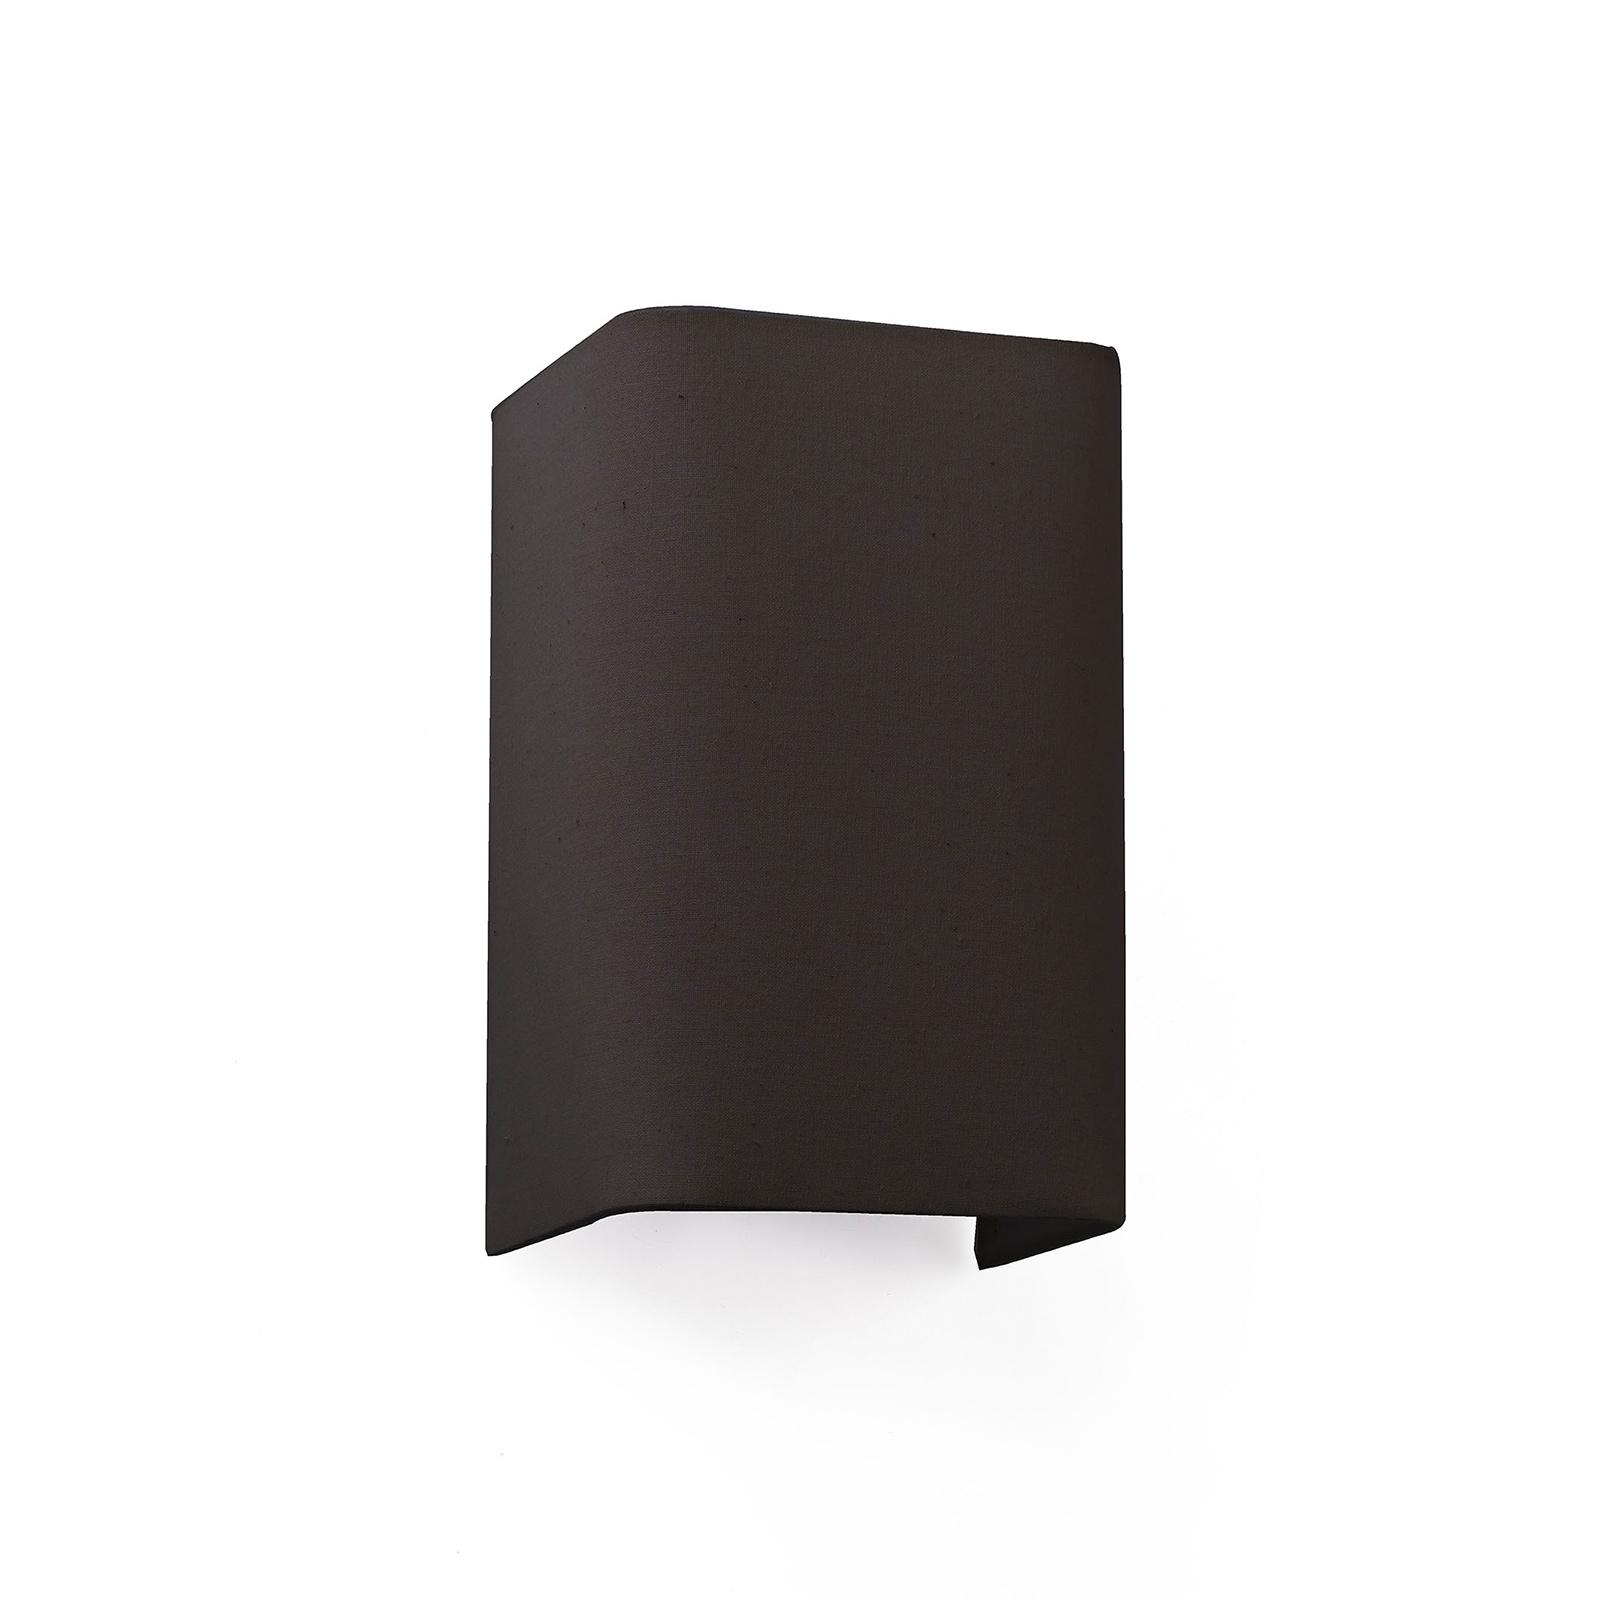 Wandlamp Cotton, hoekig, 20 x 12 cm, zwart